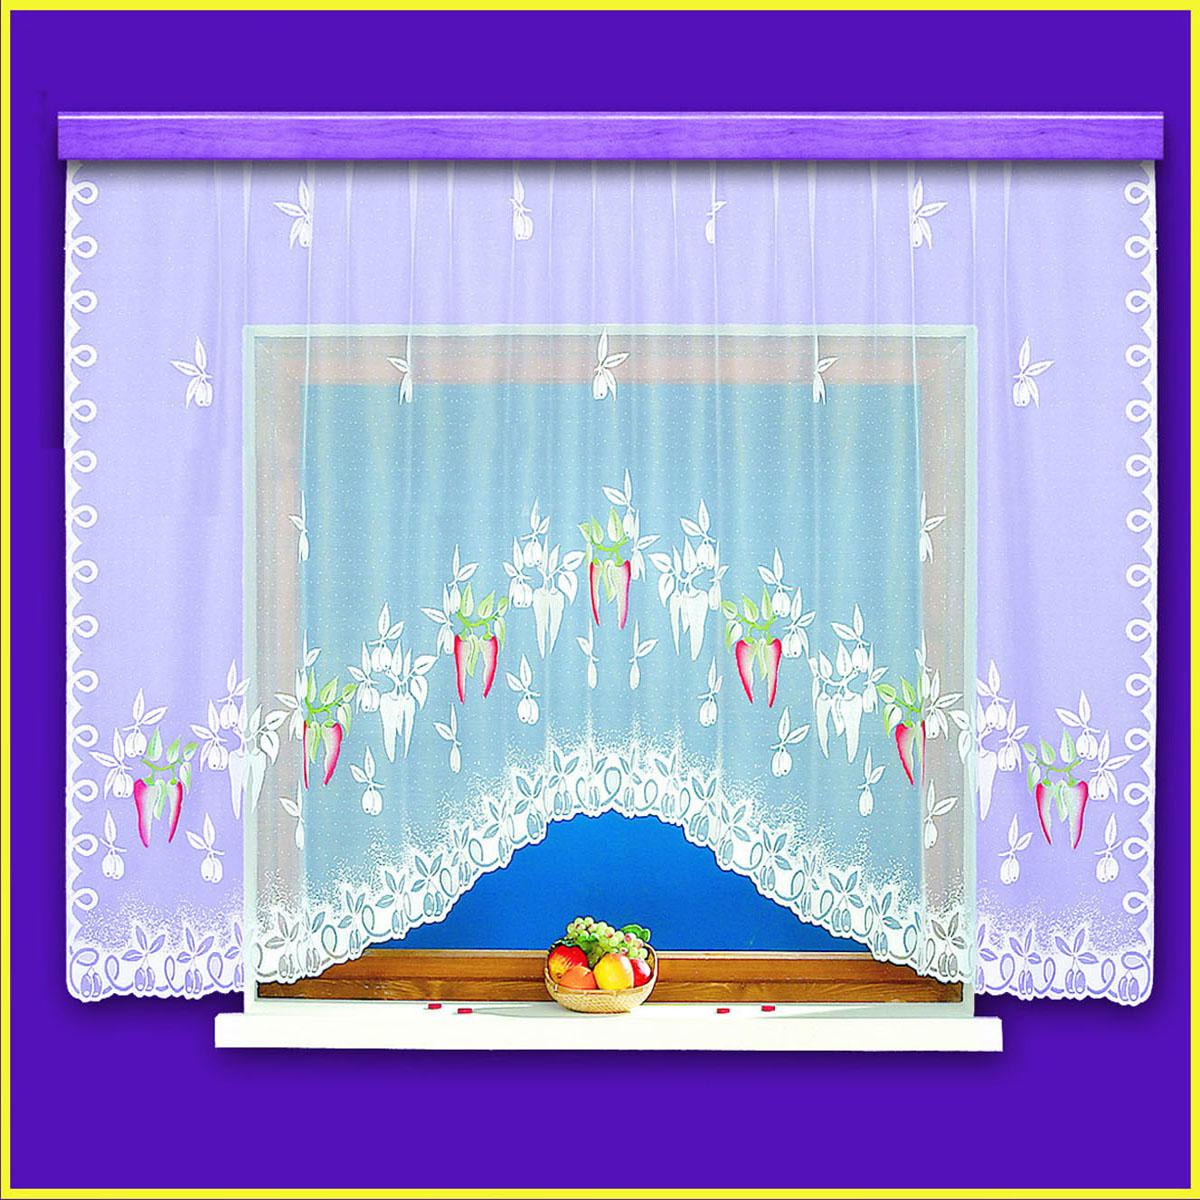 Гардина Haft, цвет: белый, ширина 310 см, высота 160 см10370/160белая жаккардовая гардина с крашенным изображением острого перца Размеры: высота 160, ширина 310